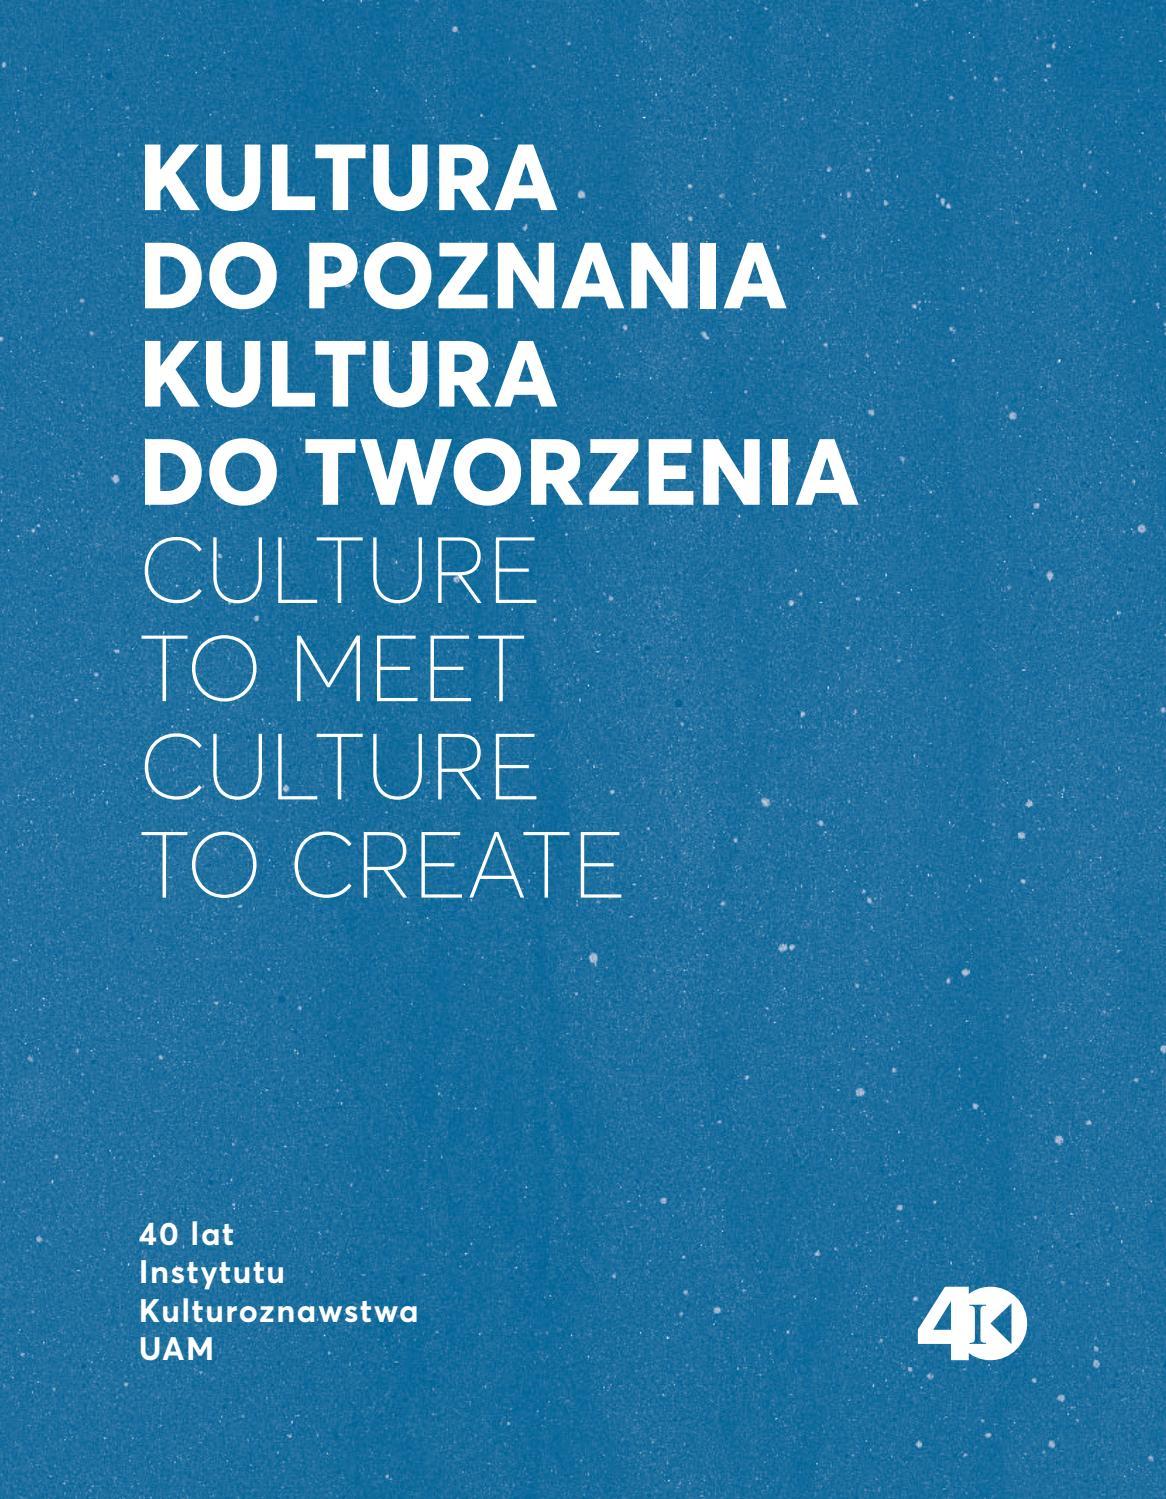 Kultura do poznania - kultura do tworzenia - Kulturoznawstwo UAM